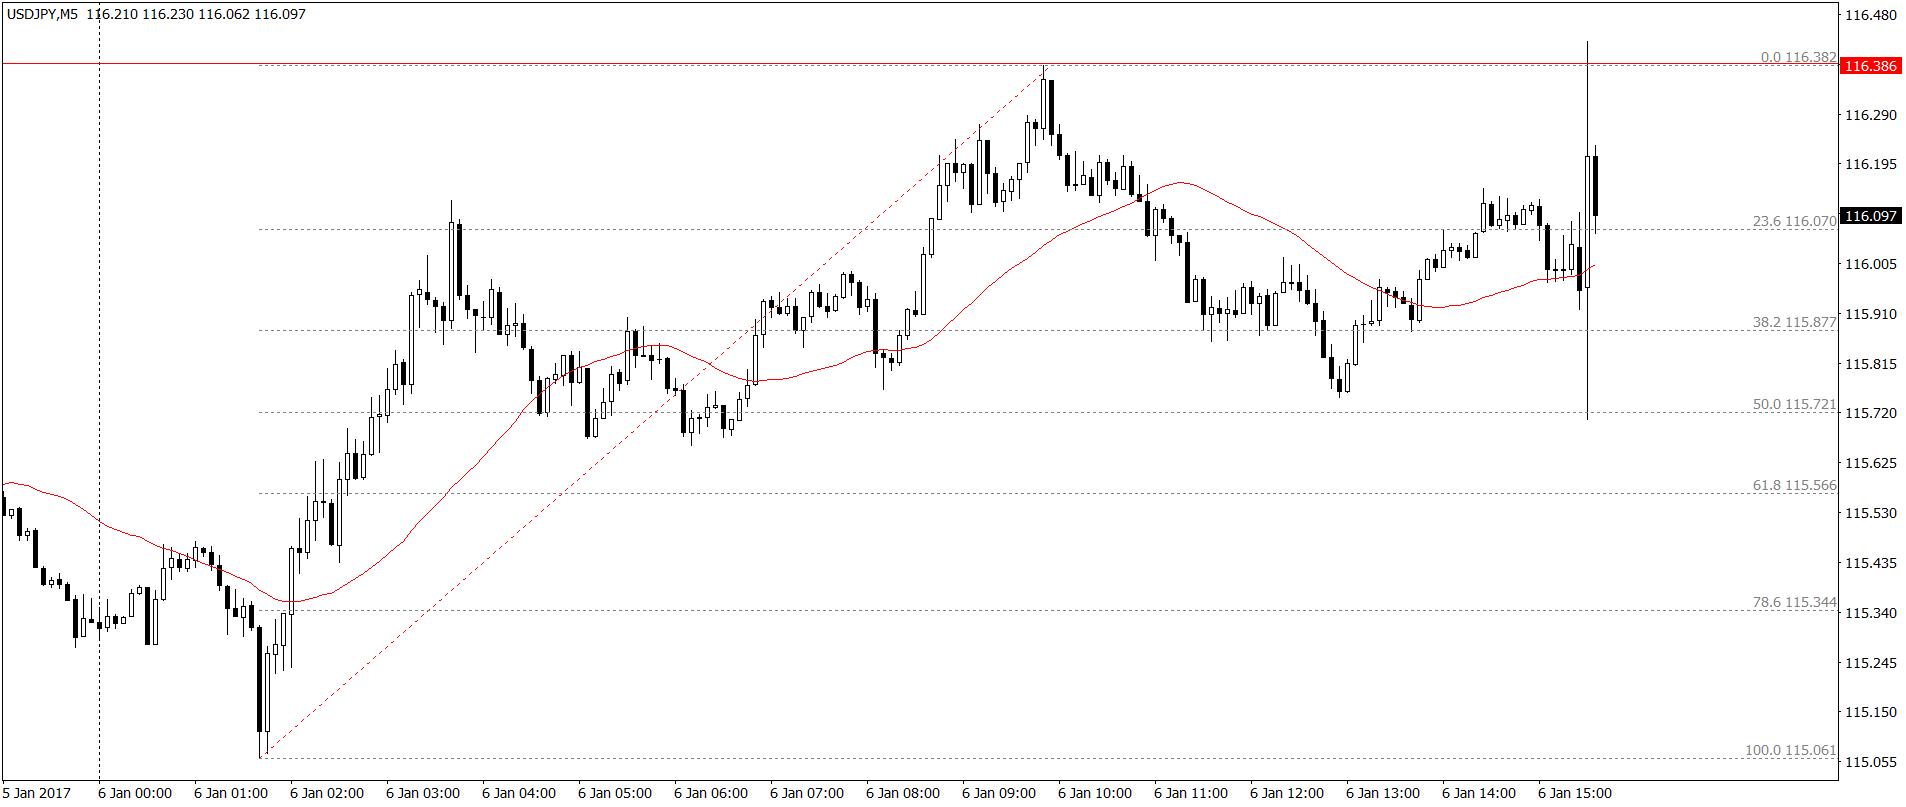 USD/JPY M5